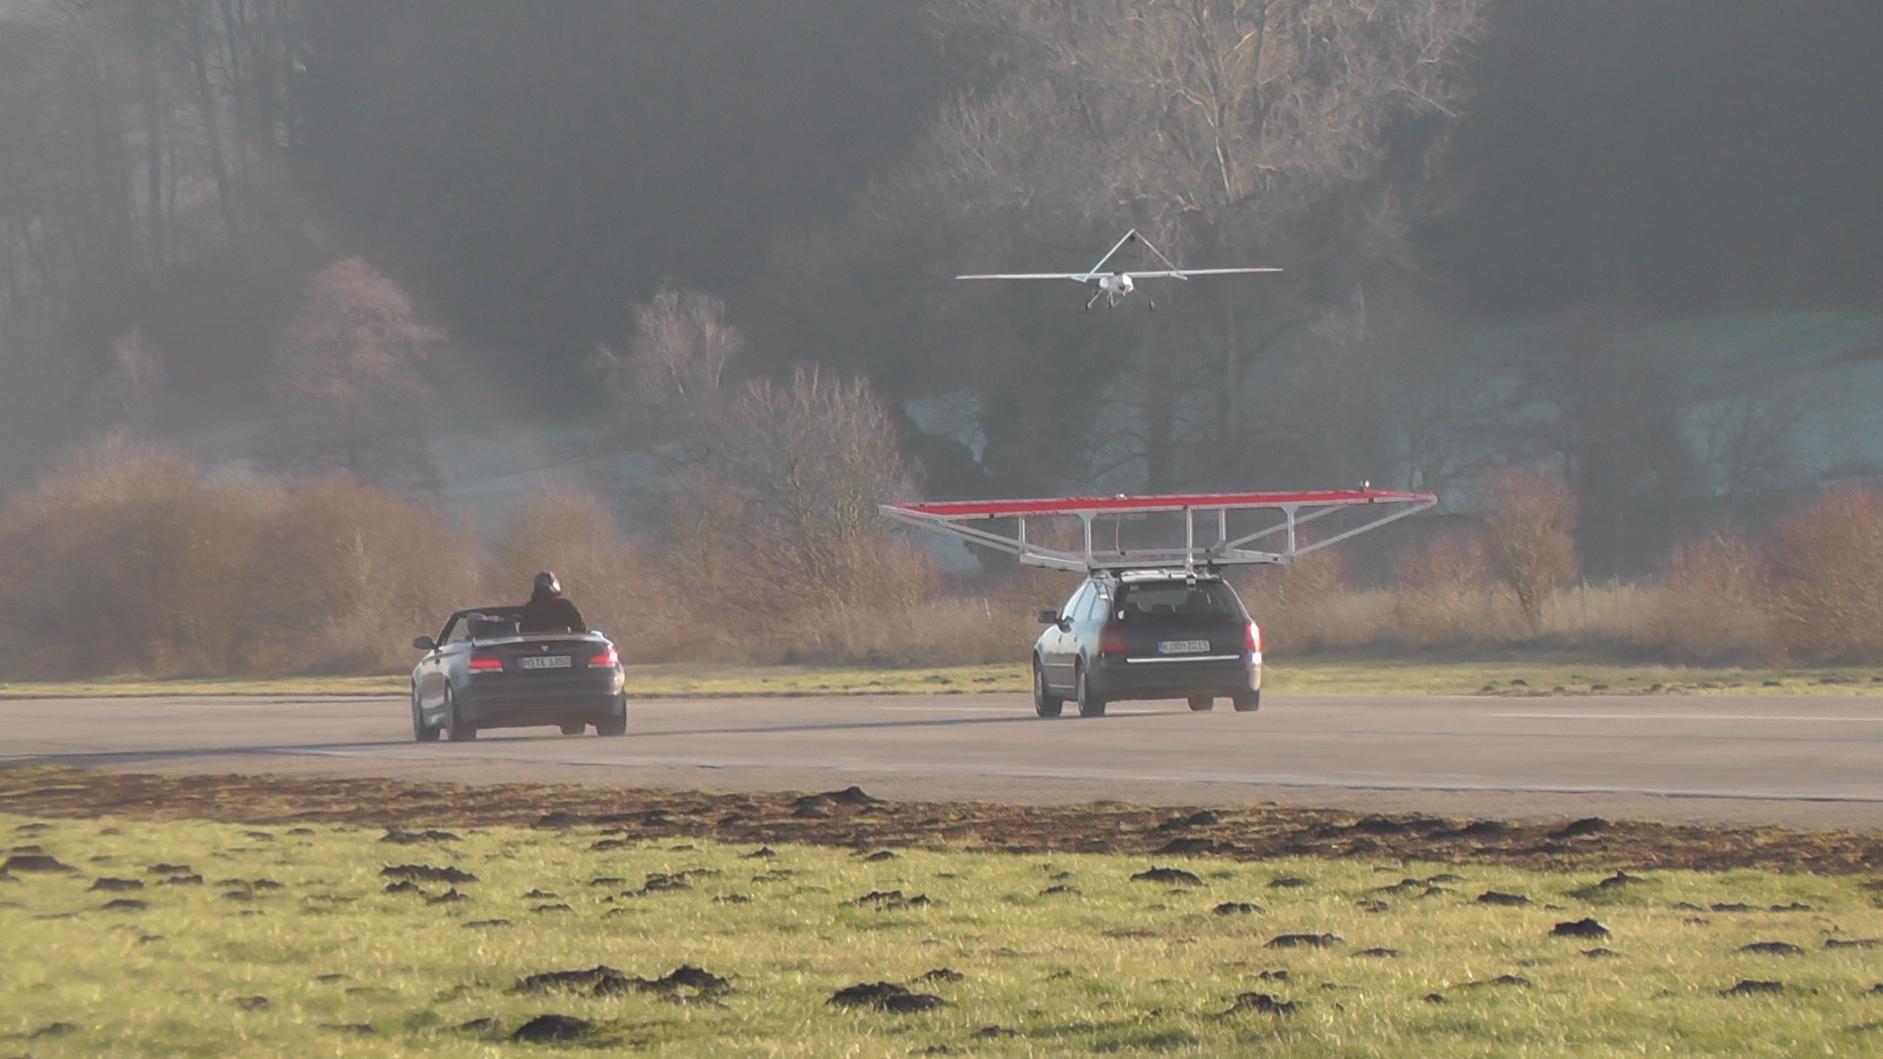 Video – autonomous landing at full speed